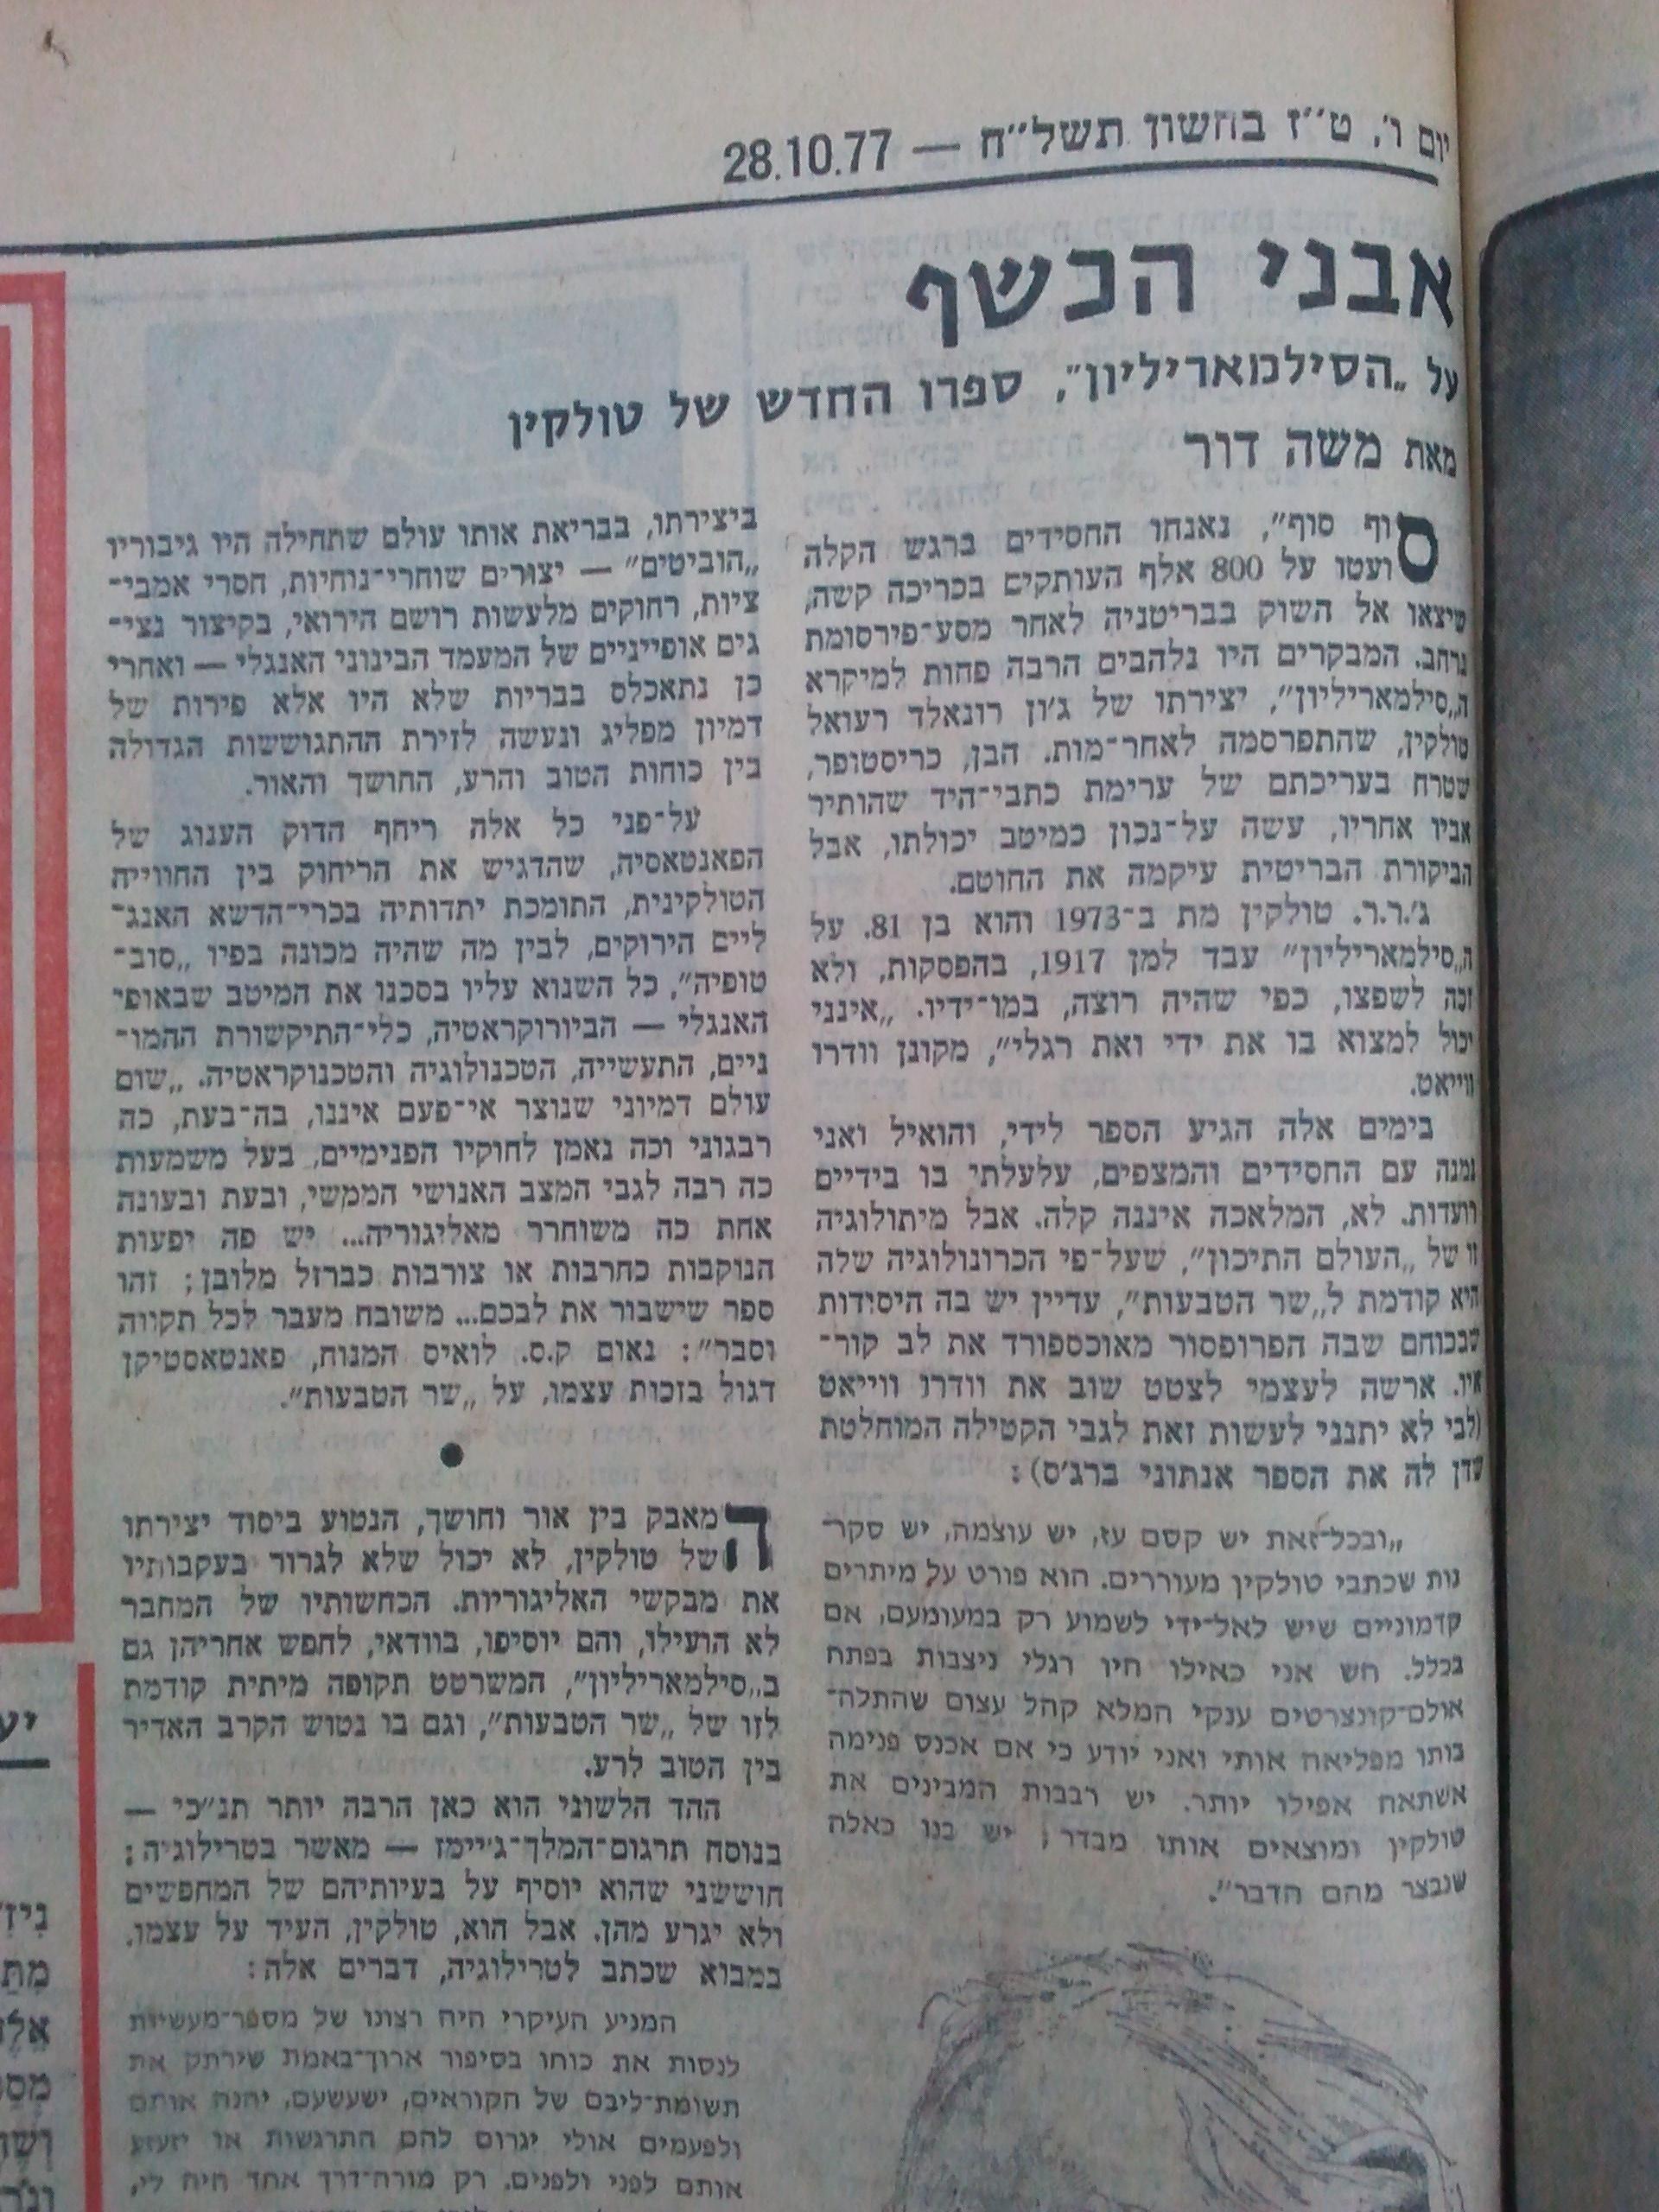 צילום המאמר המקורי